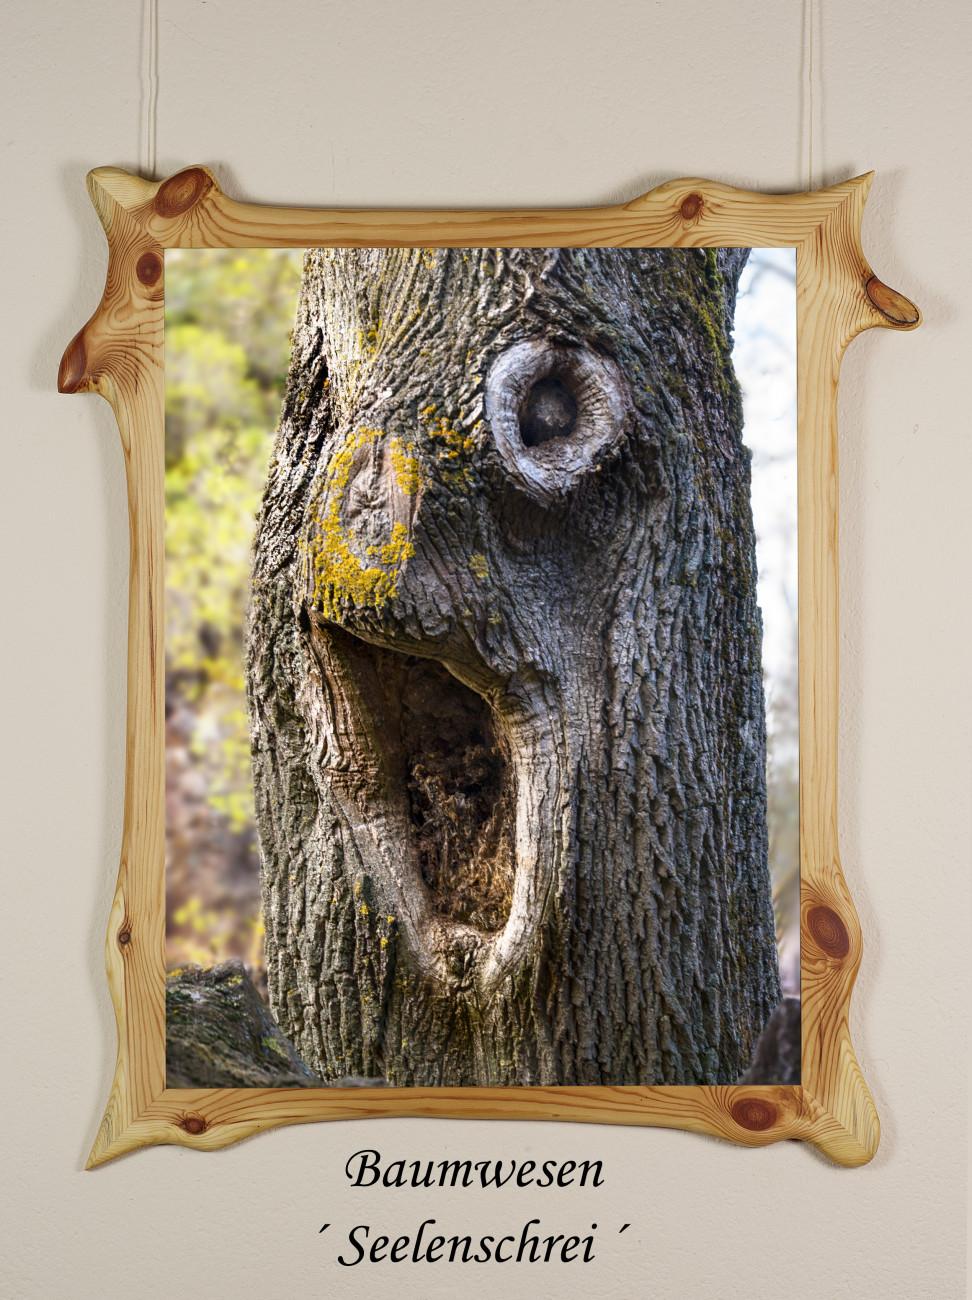 Galerie Winterberg Achim Schnorrenberger, Wesenheiten aus dem Wald in lebendigen Wildholzrahmen Baumwesen im Holzrahmen ,Seelenschrei´